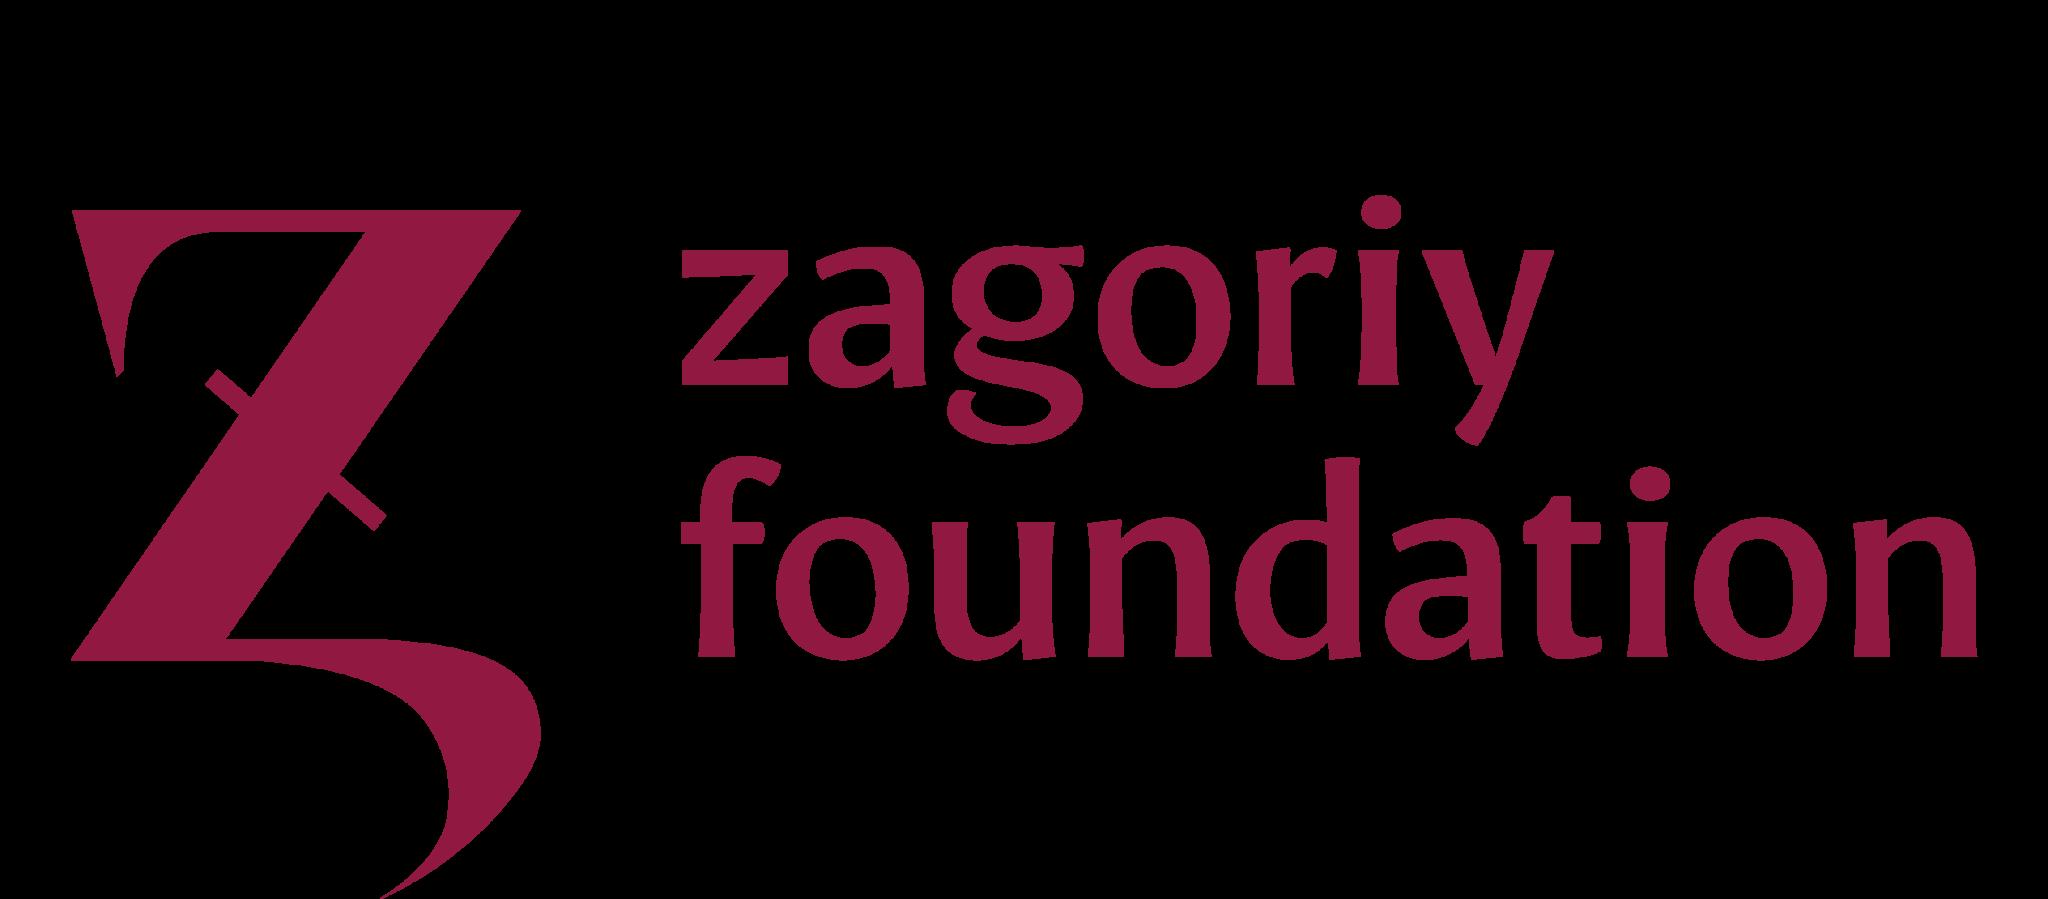 Zagoriy Foundation